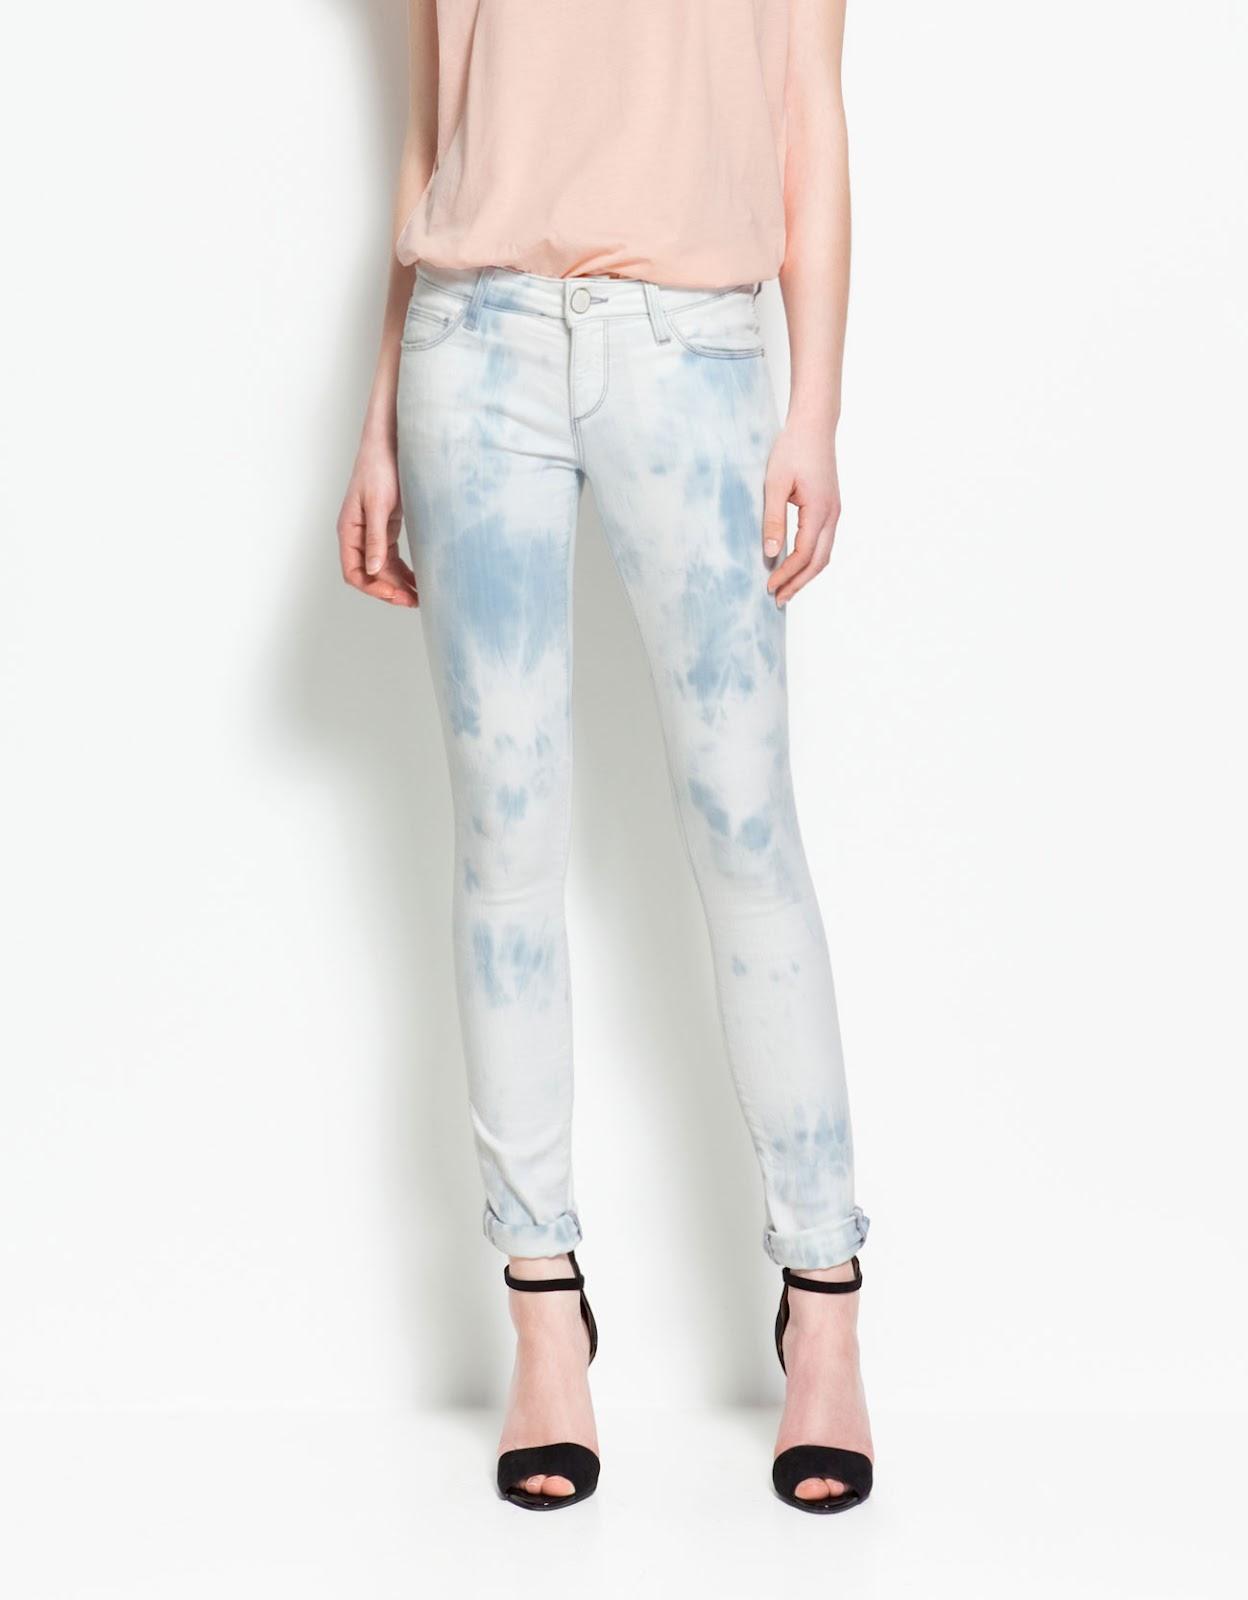 http://2.bp.blogspot.com/-TpzK9IfYjPo/T47HJF3A3XI/AAAAAAAAMe4/7LU_0sougWU/s1600/tie-dye_jeans,_zara,_white_sweater+25,99.jpg